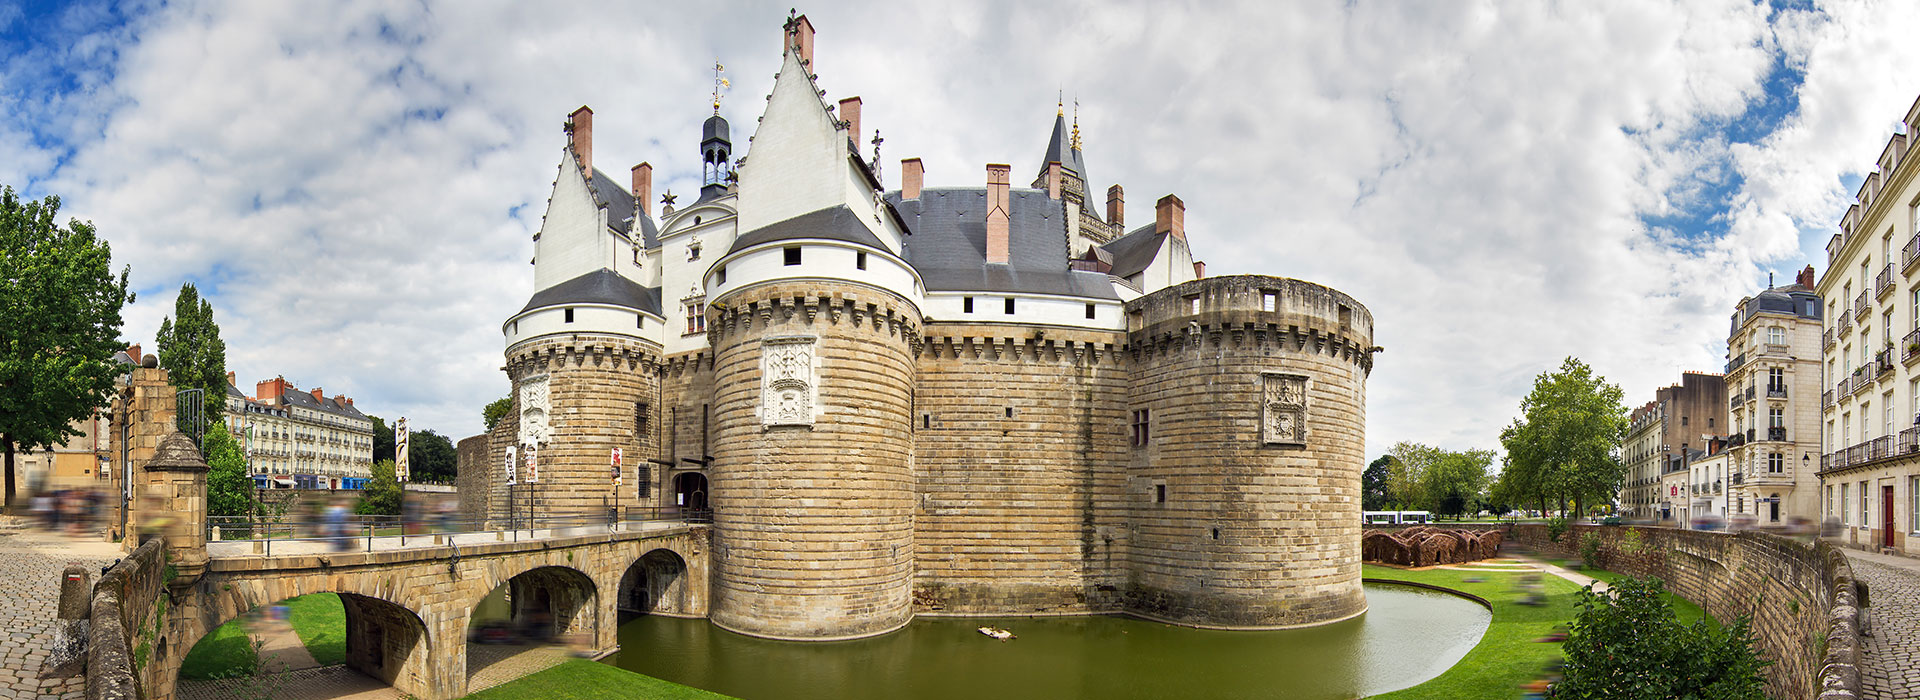 Nantes, une ville d'art et d'histoire